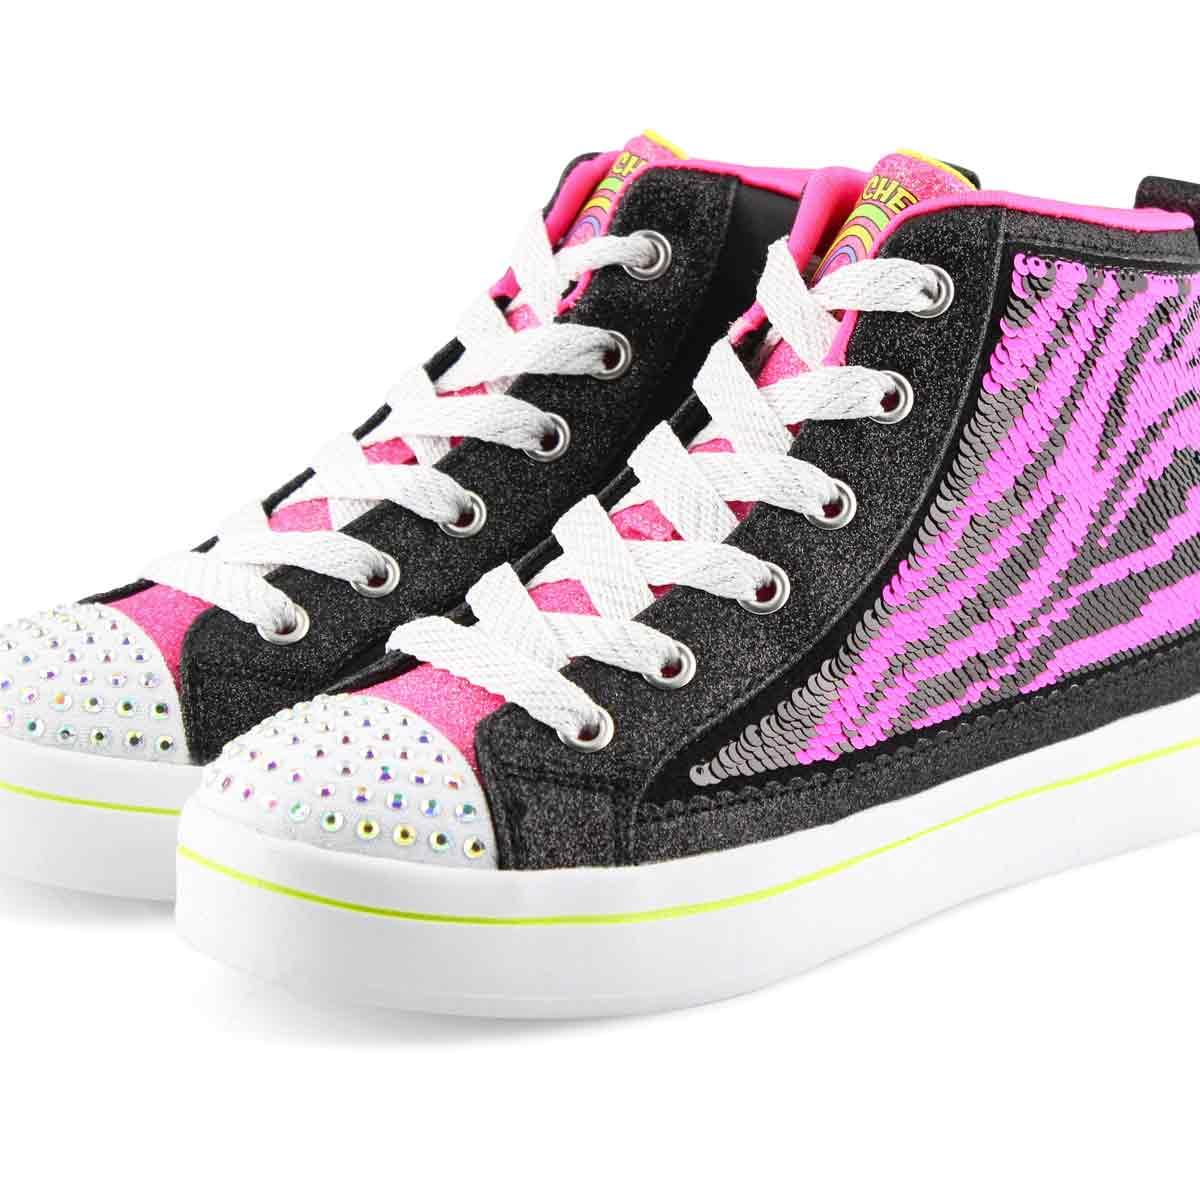 Grls Twi-Lites 2.0 blk/multi sneaker